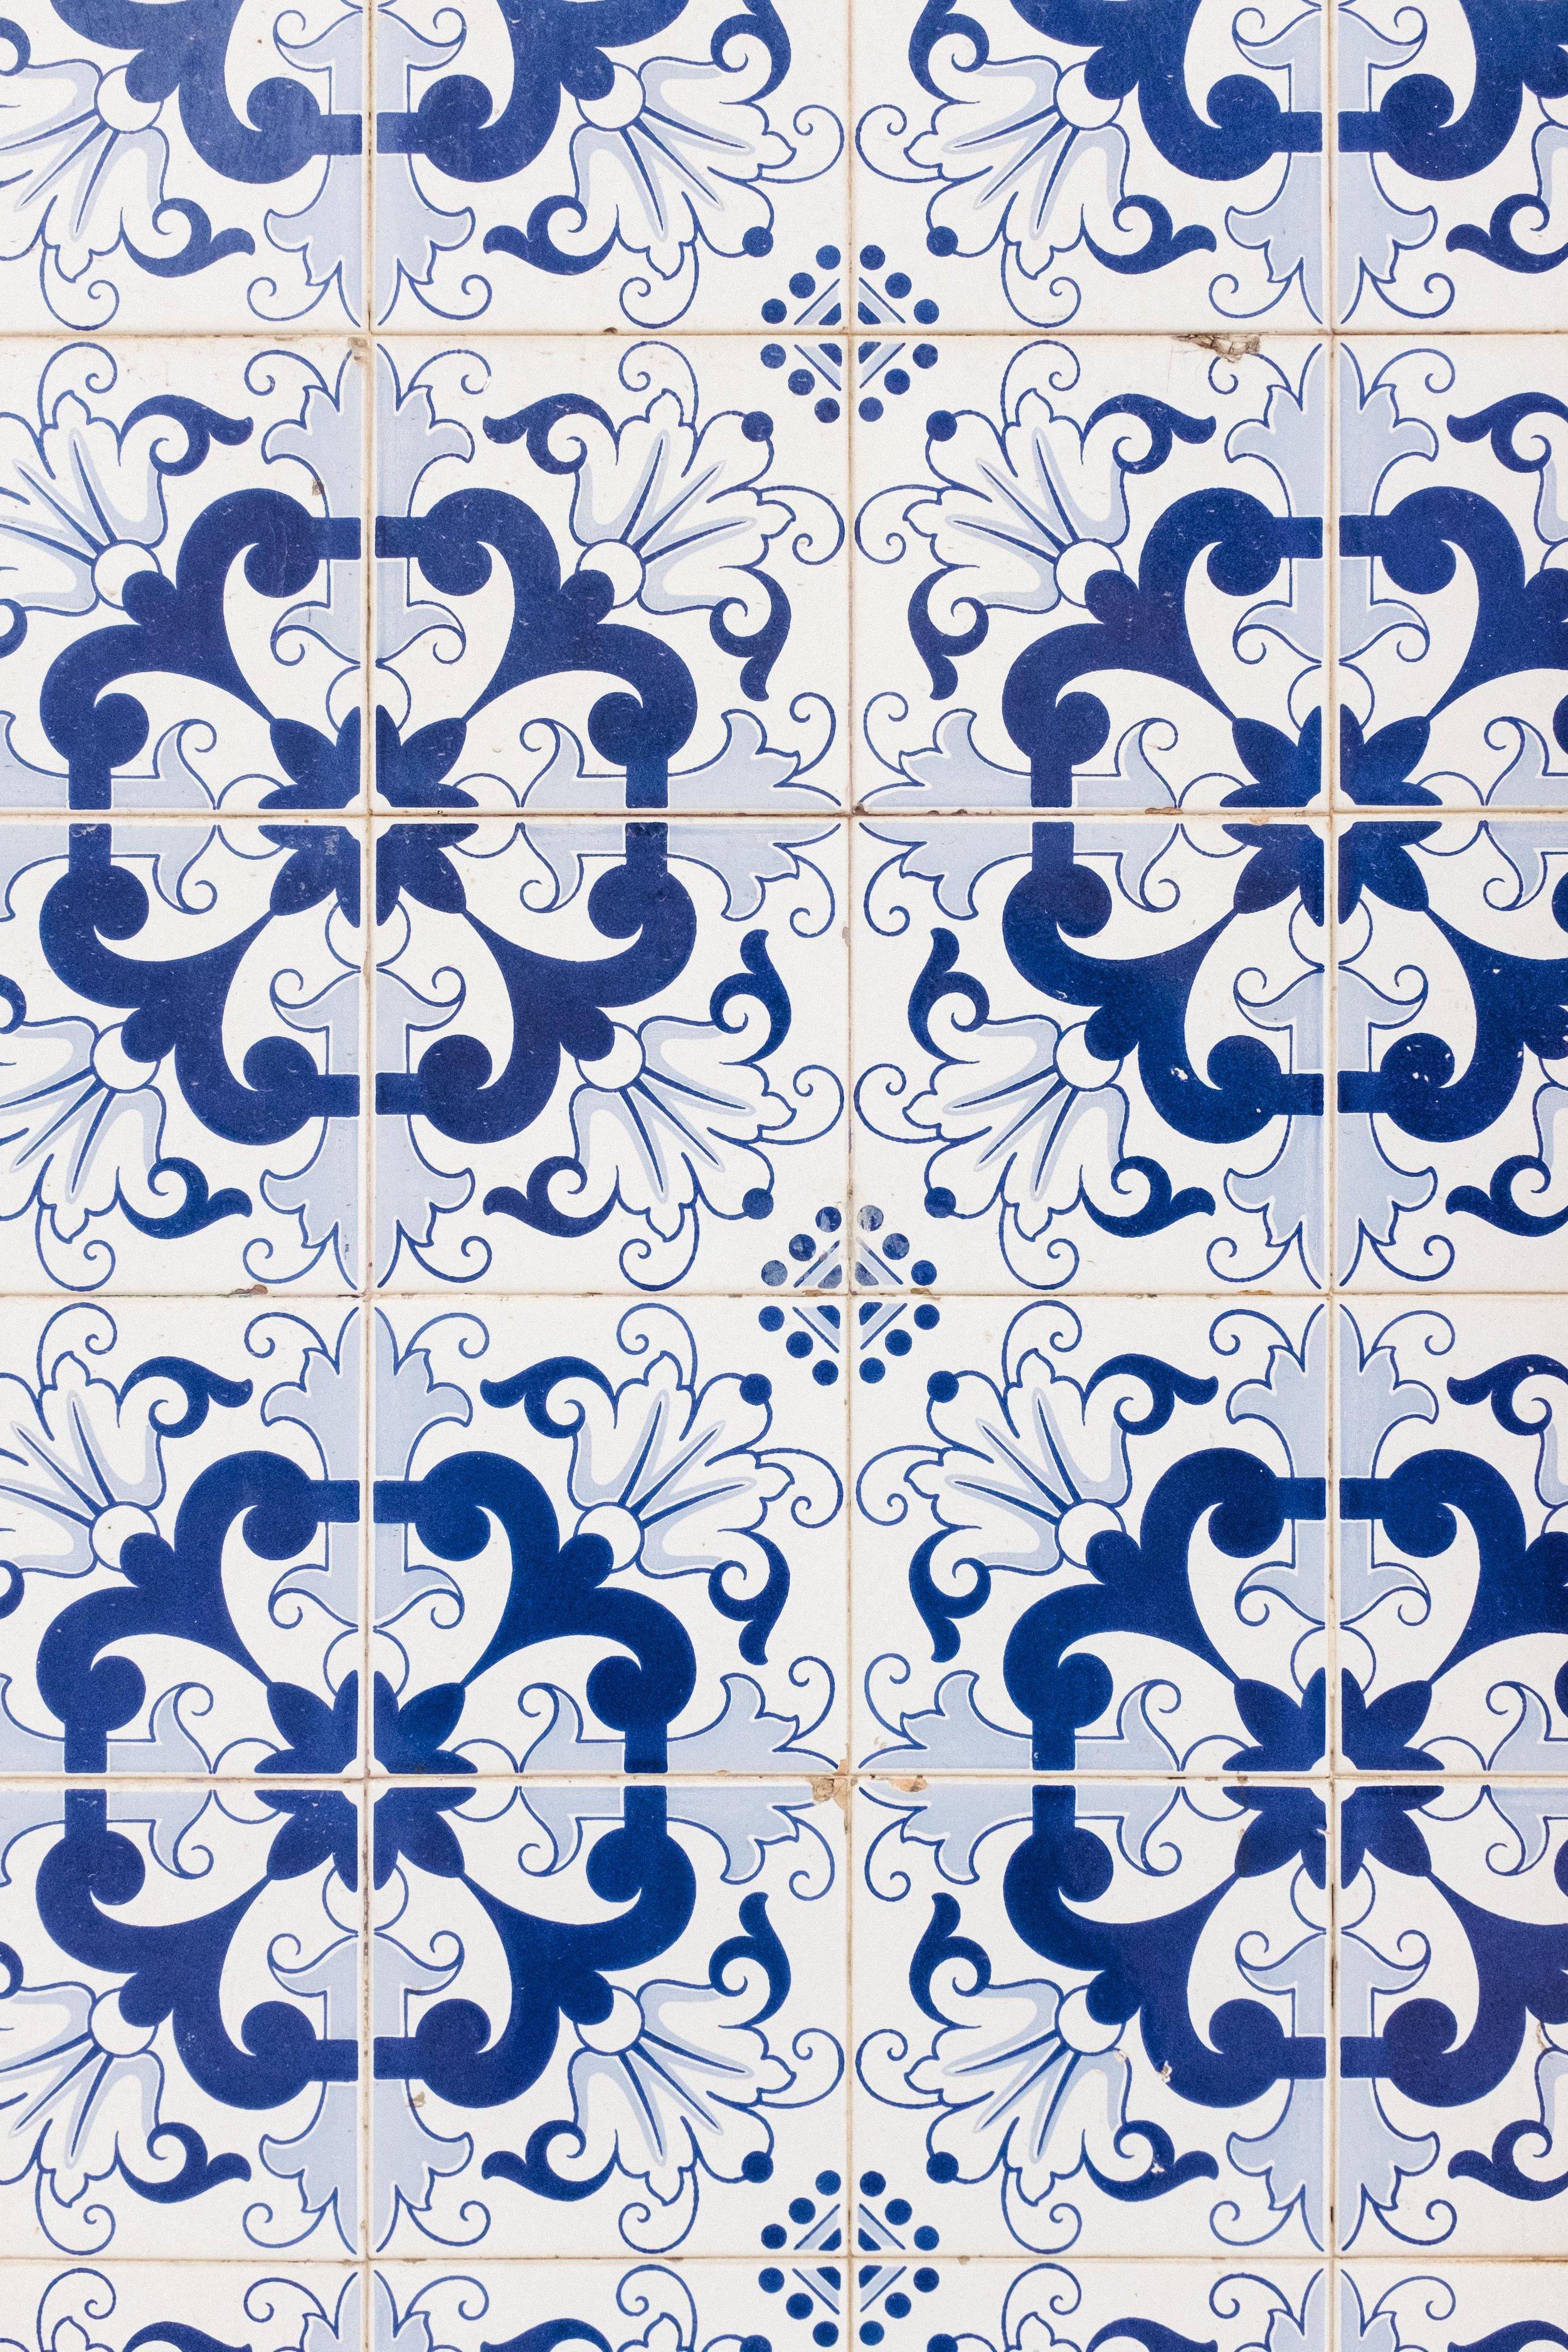 lisbon-portugal-azulejos-tiles-blue-white